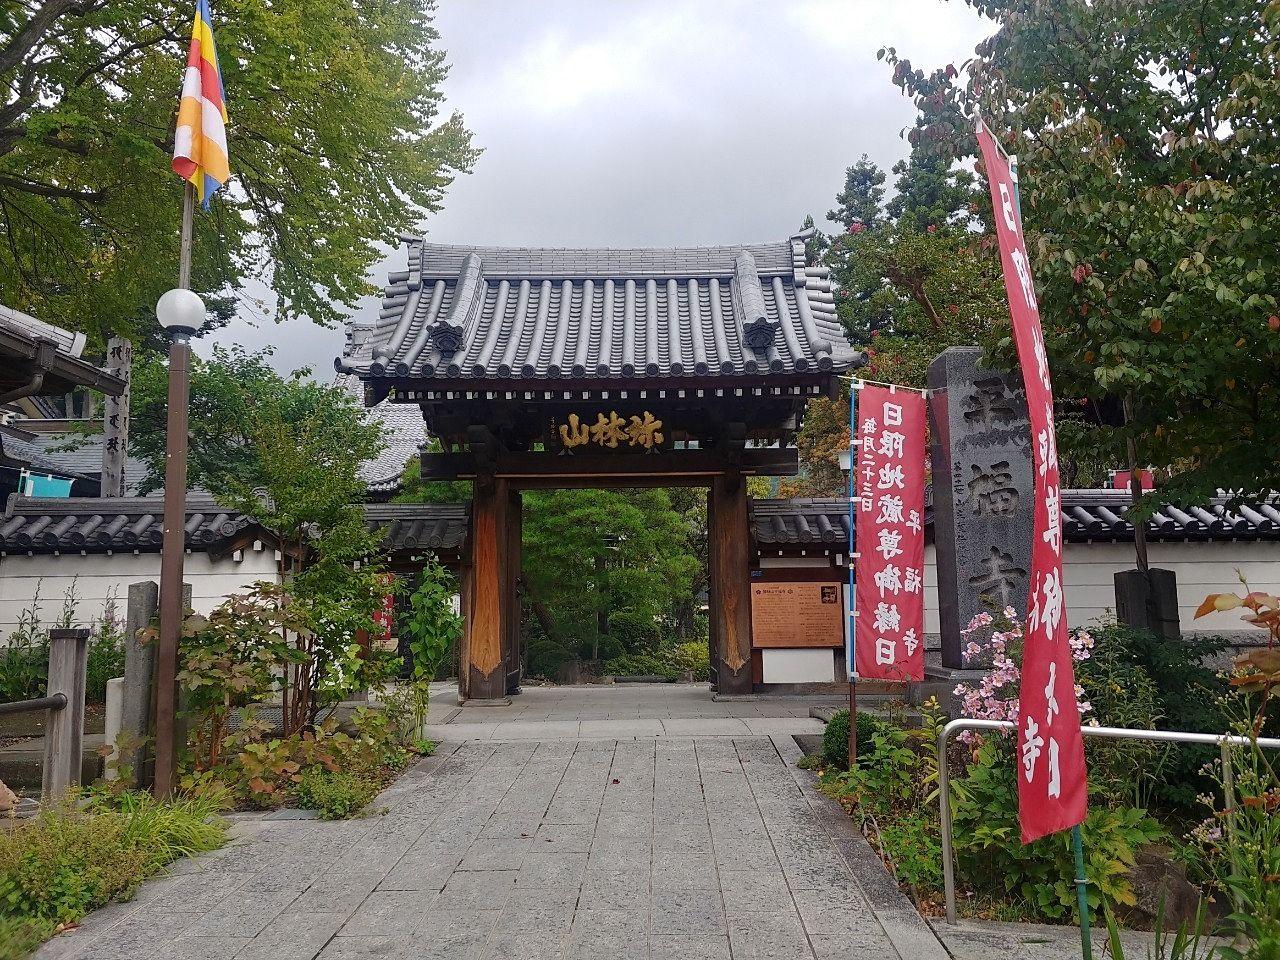 岡谷市東堀にある平福寺です